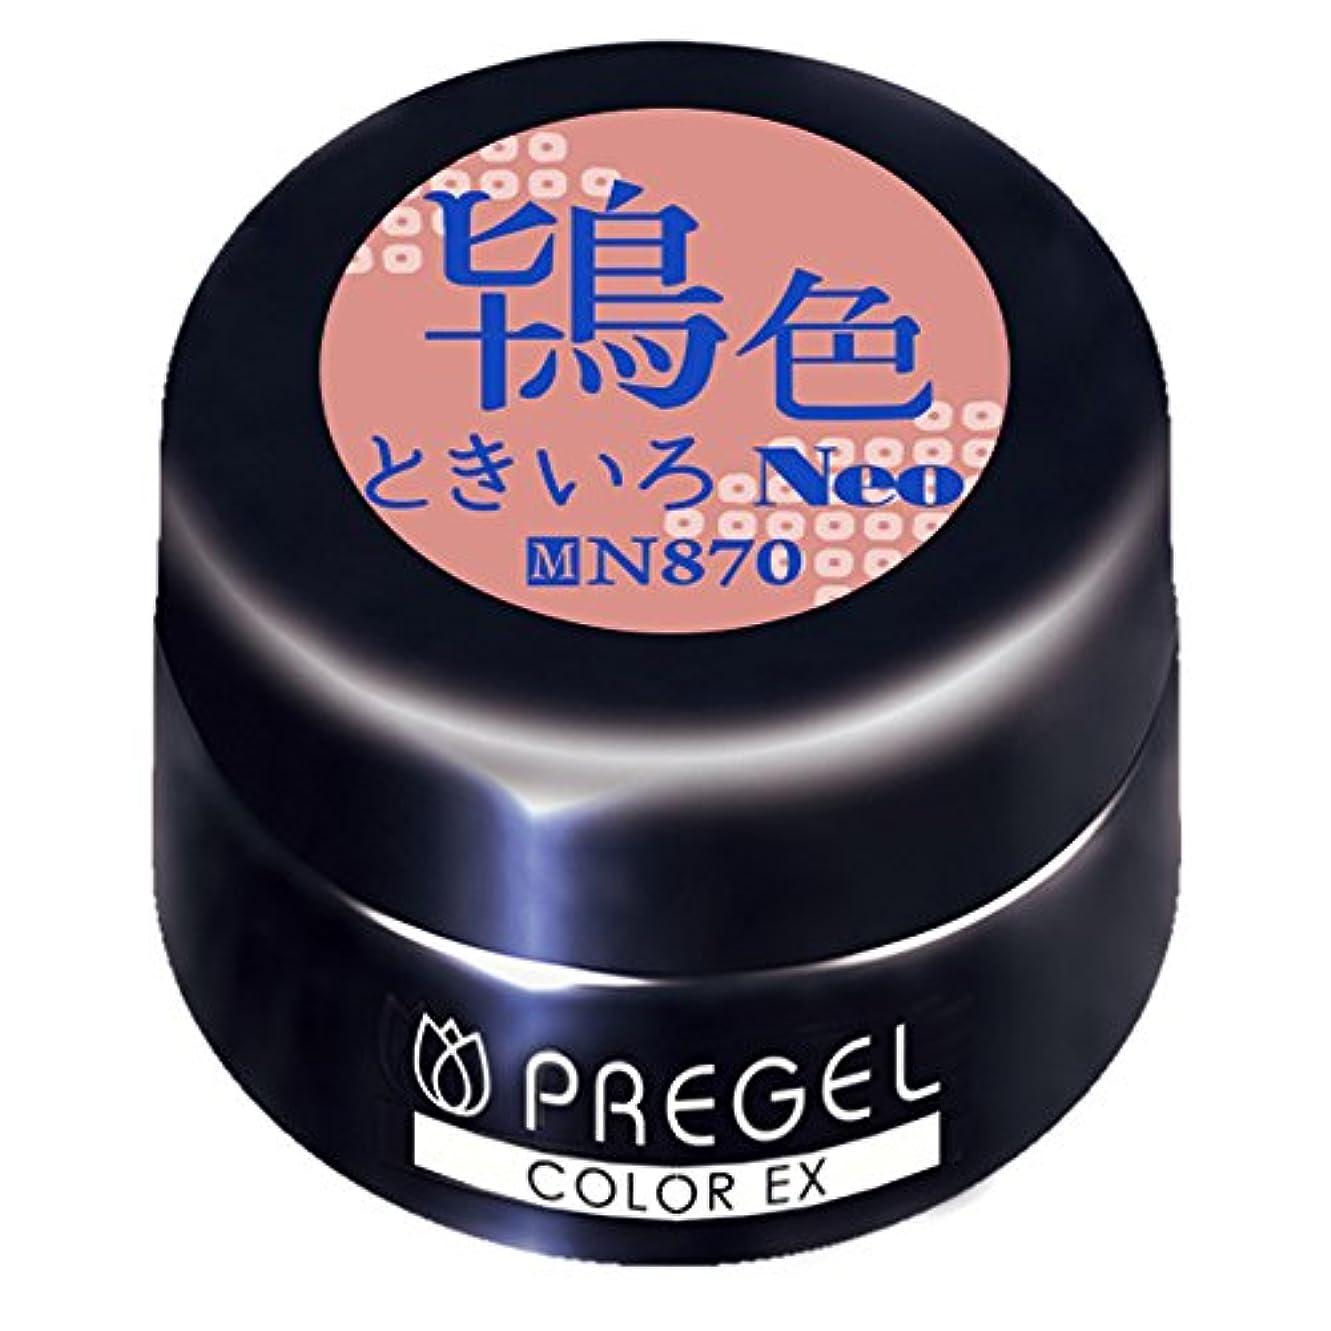 バトルスロープ流用するPRE GELカラーEX 鴇色(ときいろ)neo 3g PG-CEN870